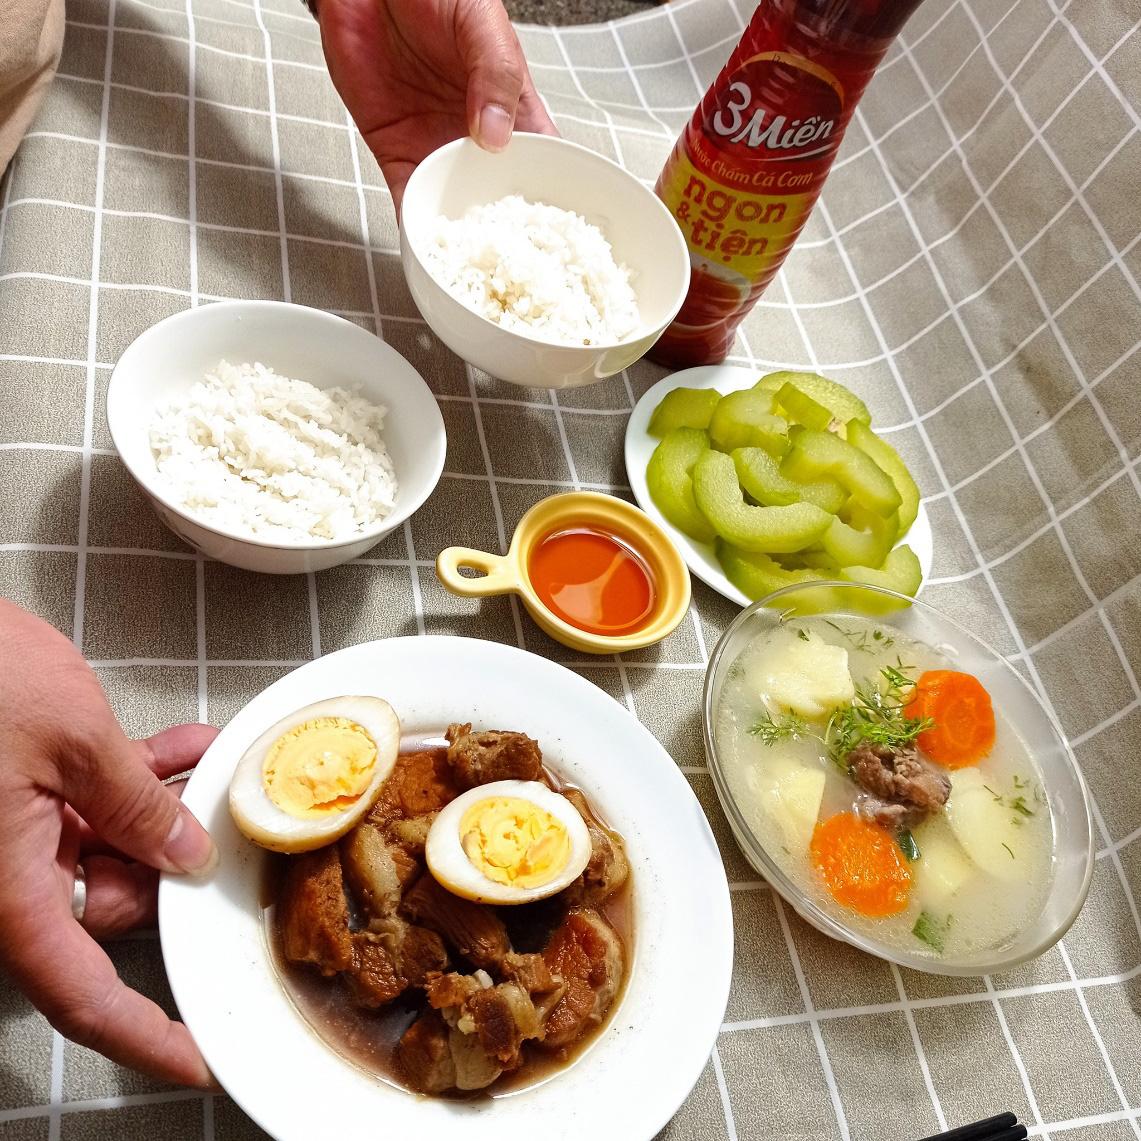 Cùng 3 Miền, đôi tay đàn ông đâu chỉ làm việc nặng mà còn có thể nấu những món ăn yêu thương - Ảnh 4.